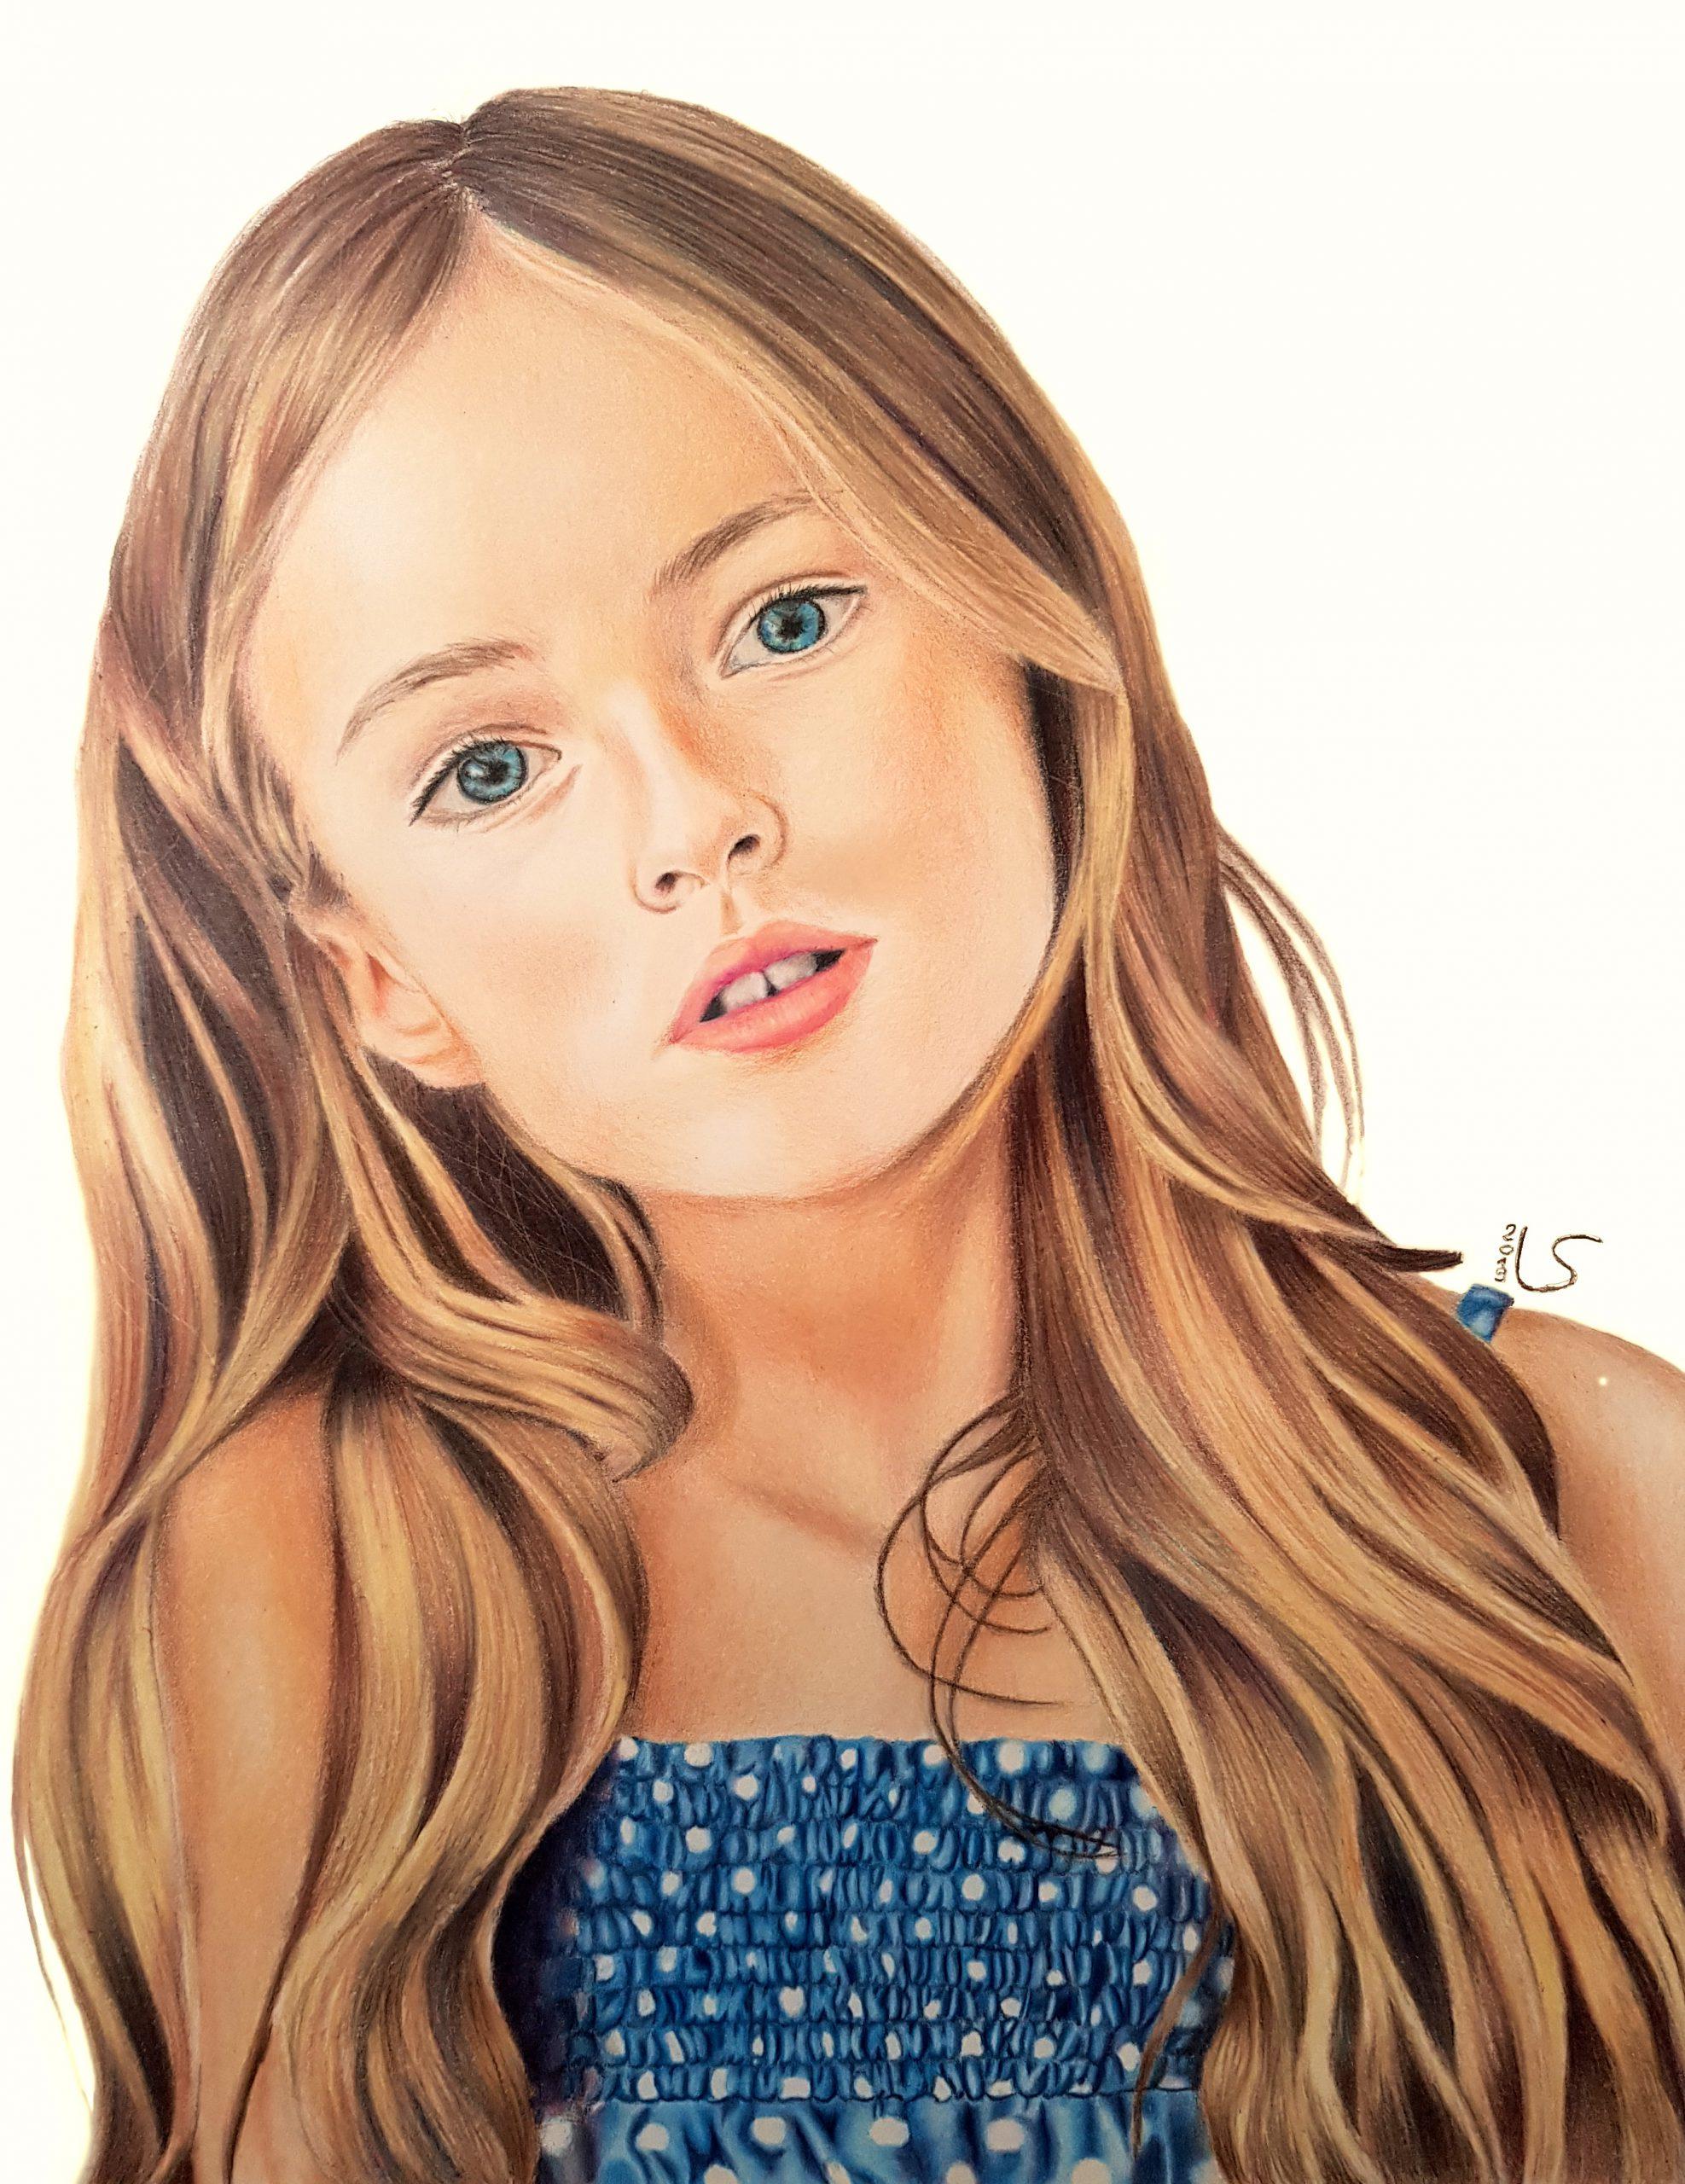 Portrait de Kristina Pimenova aux crayons de couleurs par Laurie Sénacq